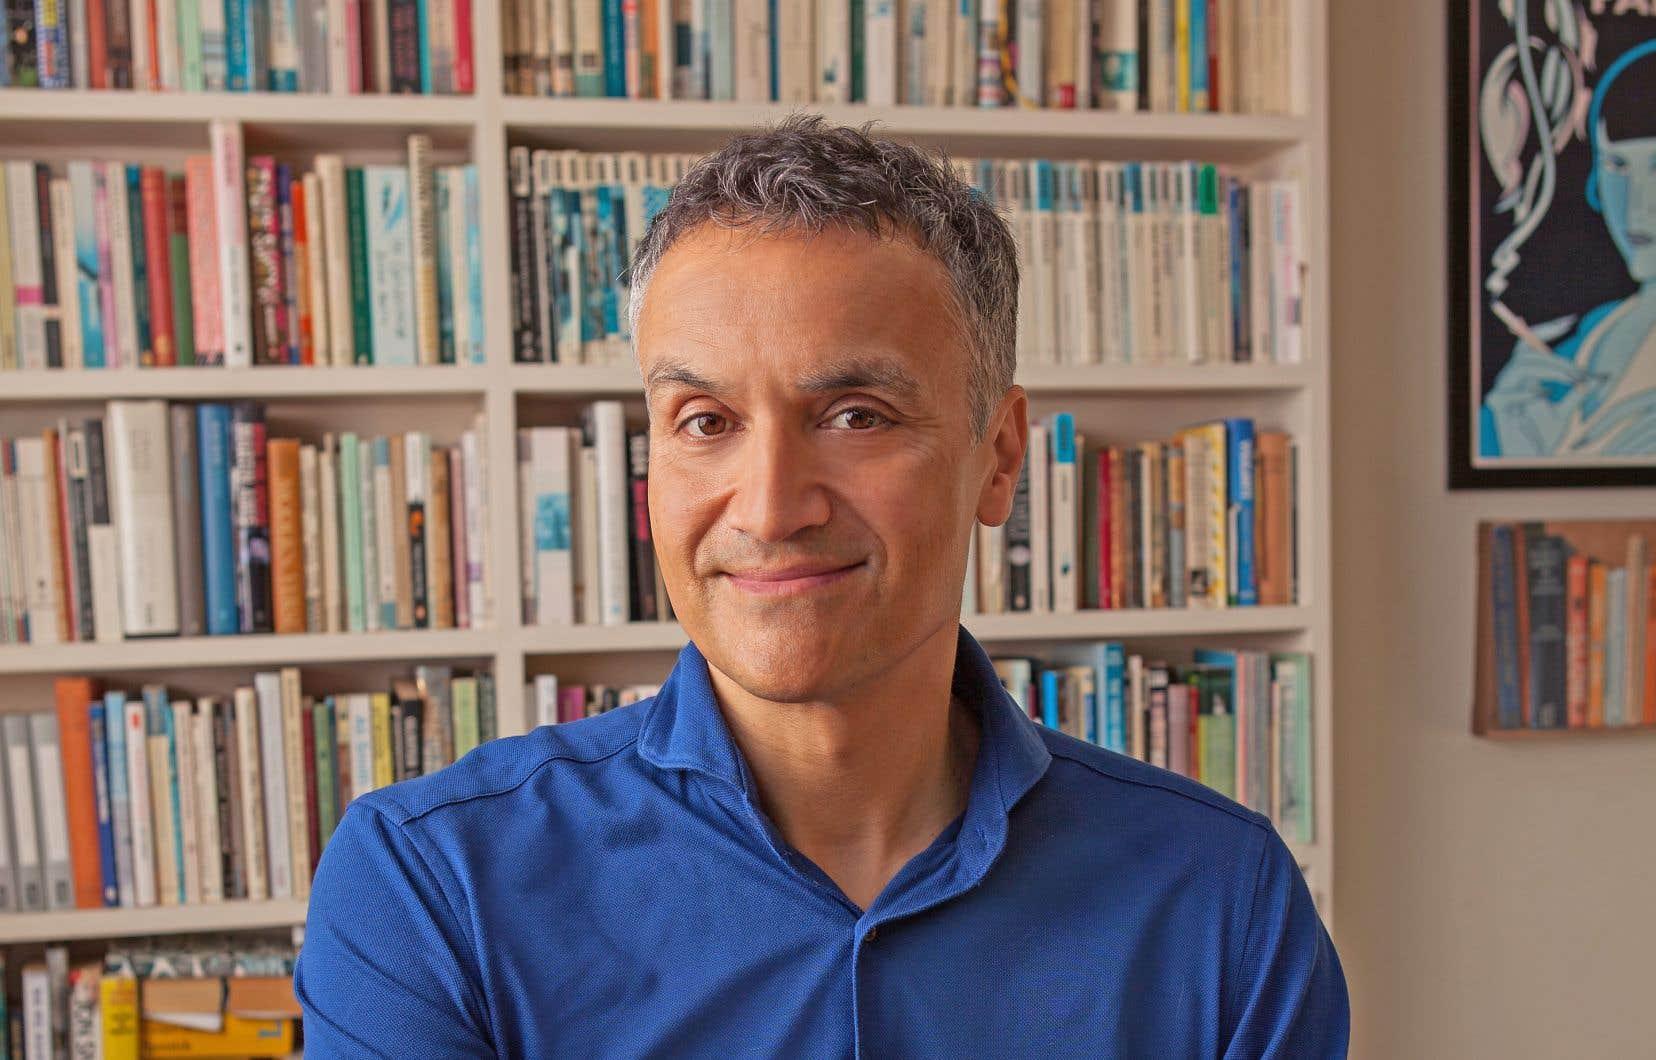 Connu pour son ouvrage «Éloge de la lenteur», le journaliste canadien Carl Honoré s'intéresse au thème du vieillissement dans un livre qui paraîtra à l'automne en français.